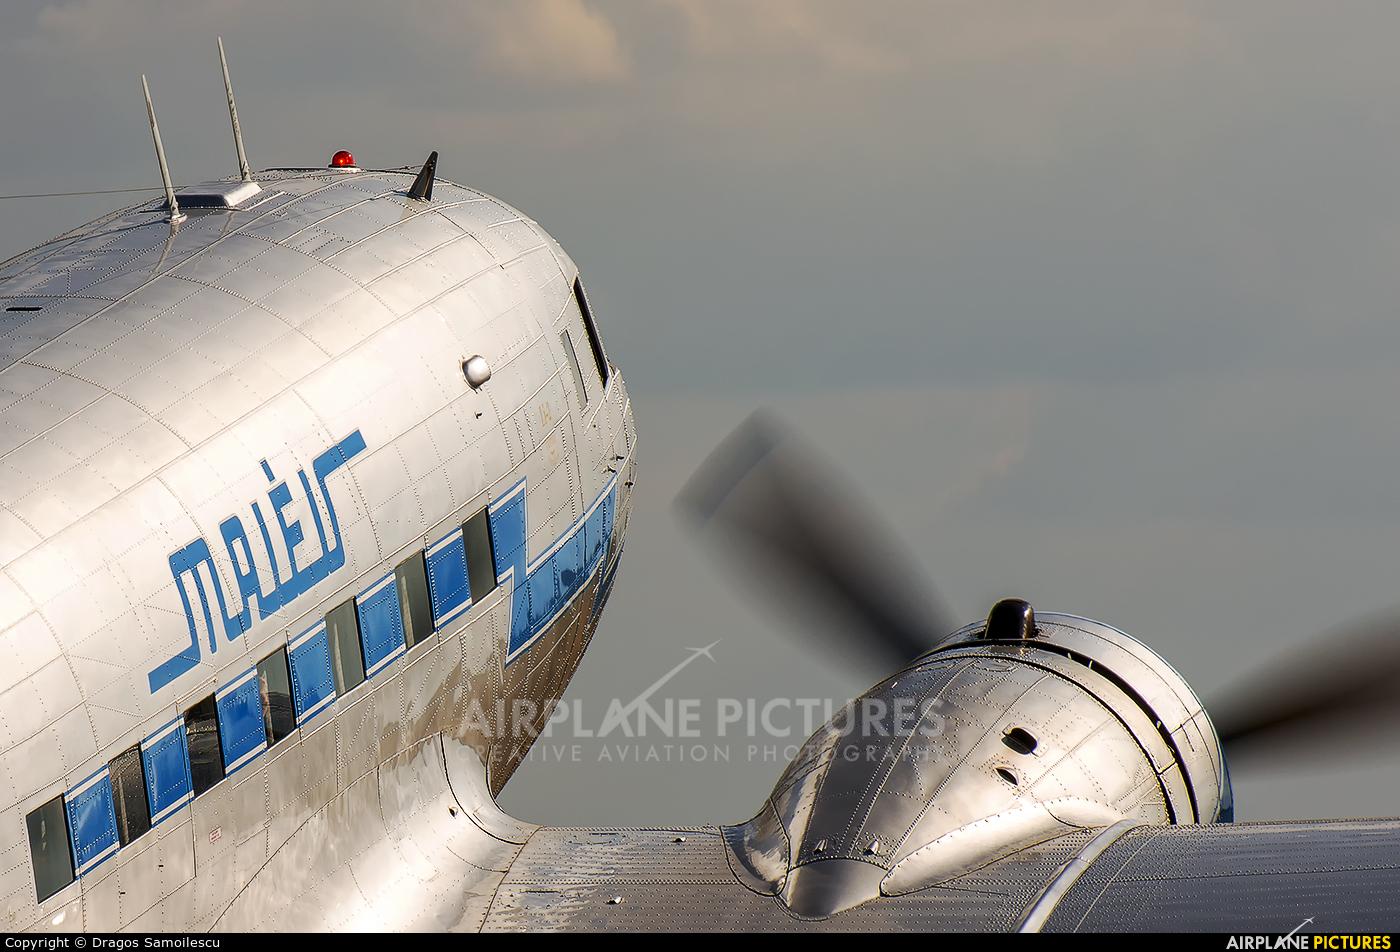 Goldtimer Foundation HA-LIX aircraft at Szeged